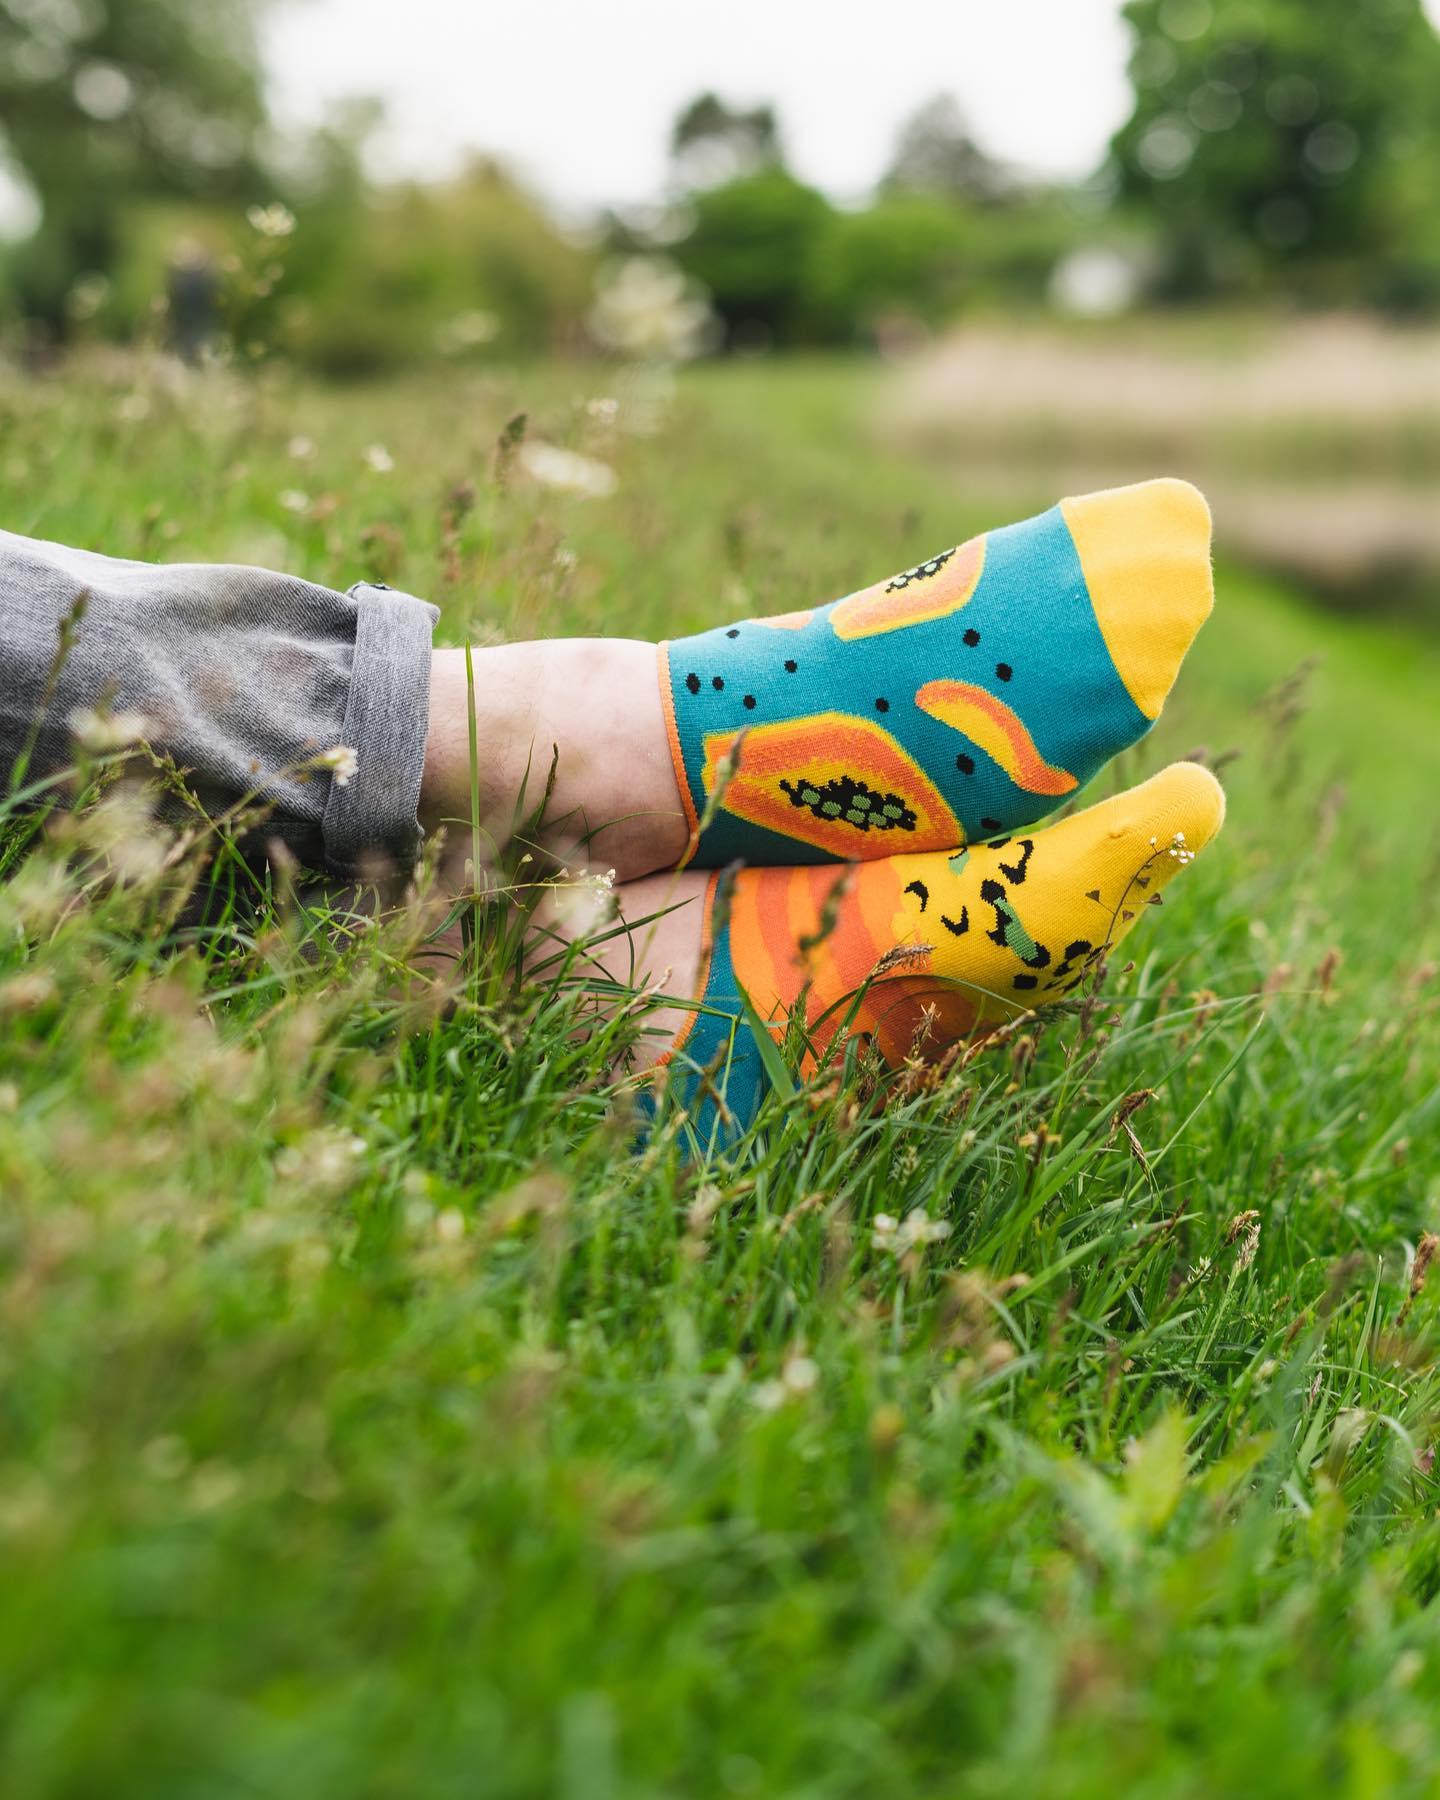 Lato jeszcze się nie kończy, więc pamiętajcie o fajnych i kolorowych stopkach. W ten weekend wysyłamy je do Was za darmo! 🙌🏻 . . . #stopki #lato #summer #summervibes #krotkieskarpetki #mismatchedsocks #niedopary #skarpetki #moresocks #more #papaja #trawa #natura #relax #chill #boy #instaboy #jeans #wakacje #casuallook #colors #jestpieknie #poland